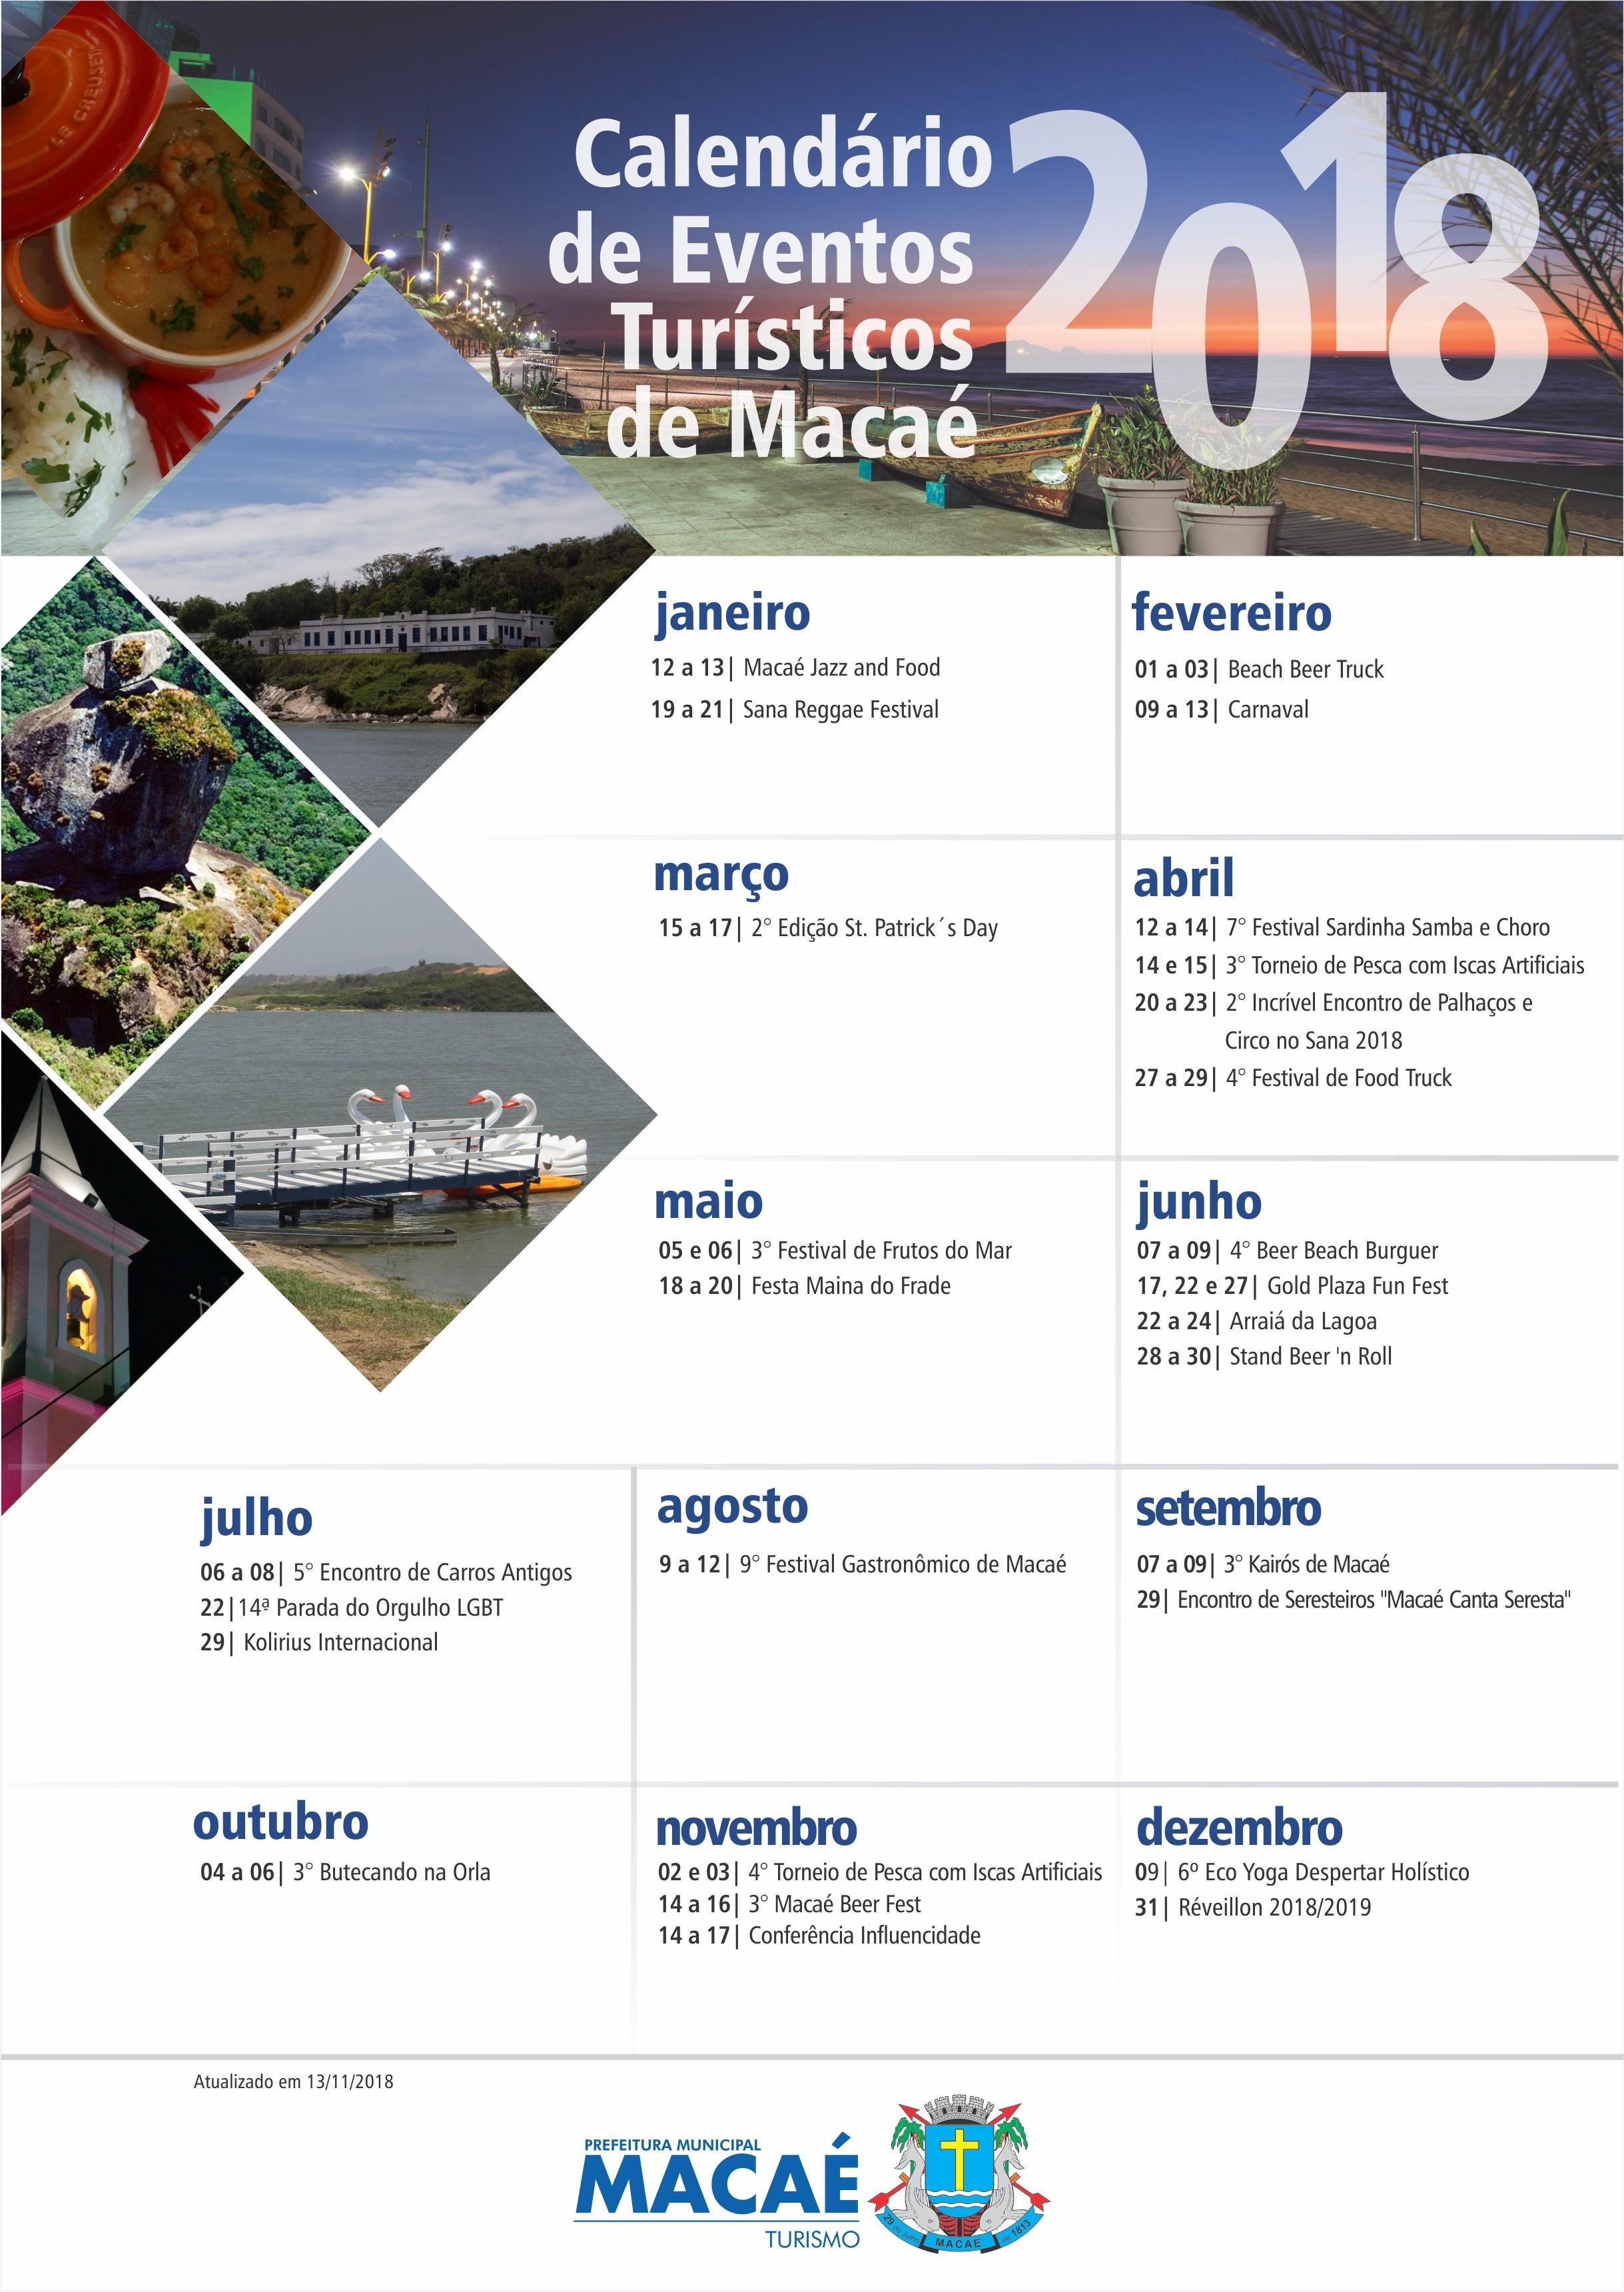 Calendario 2019 Fevereiro Más Caliente Index Of Midia